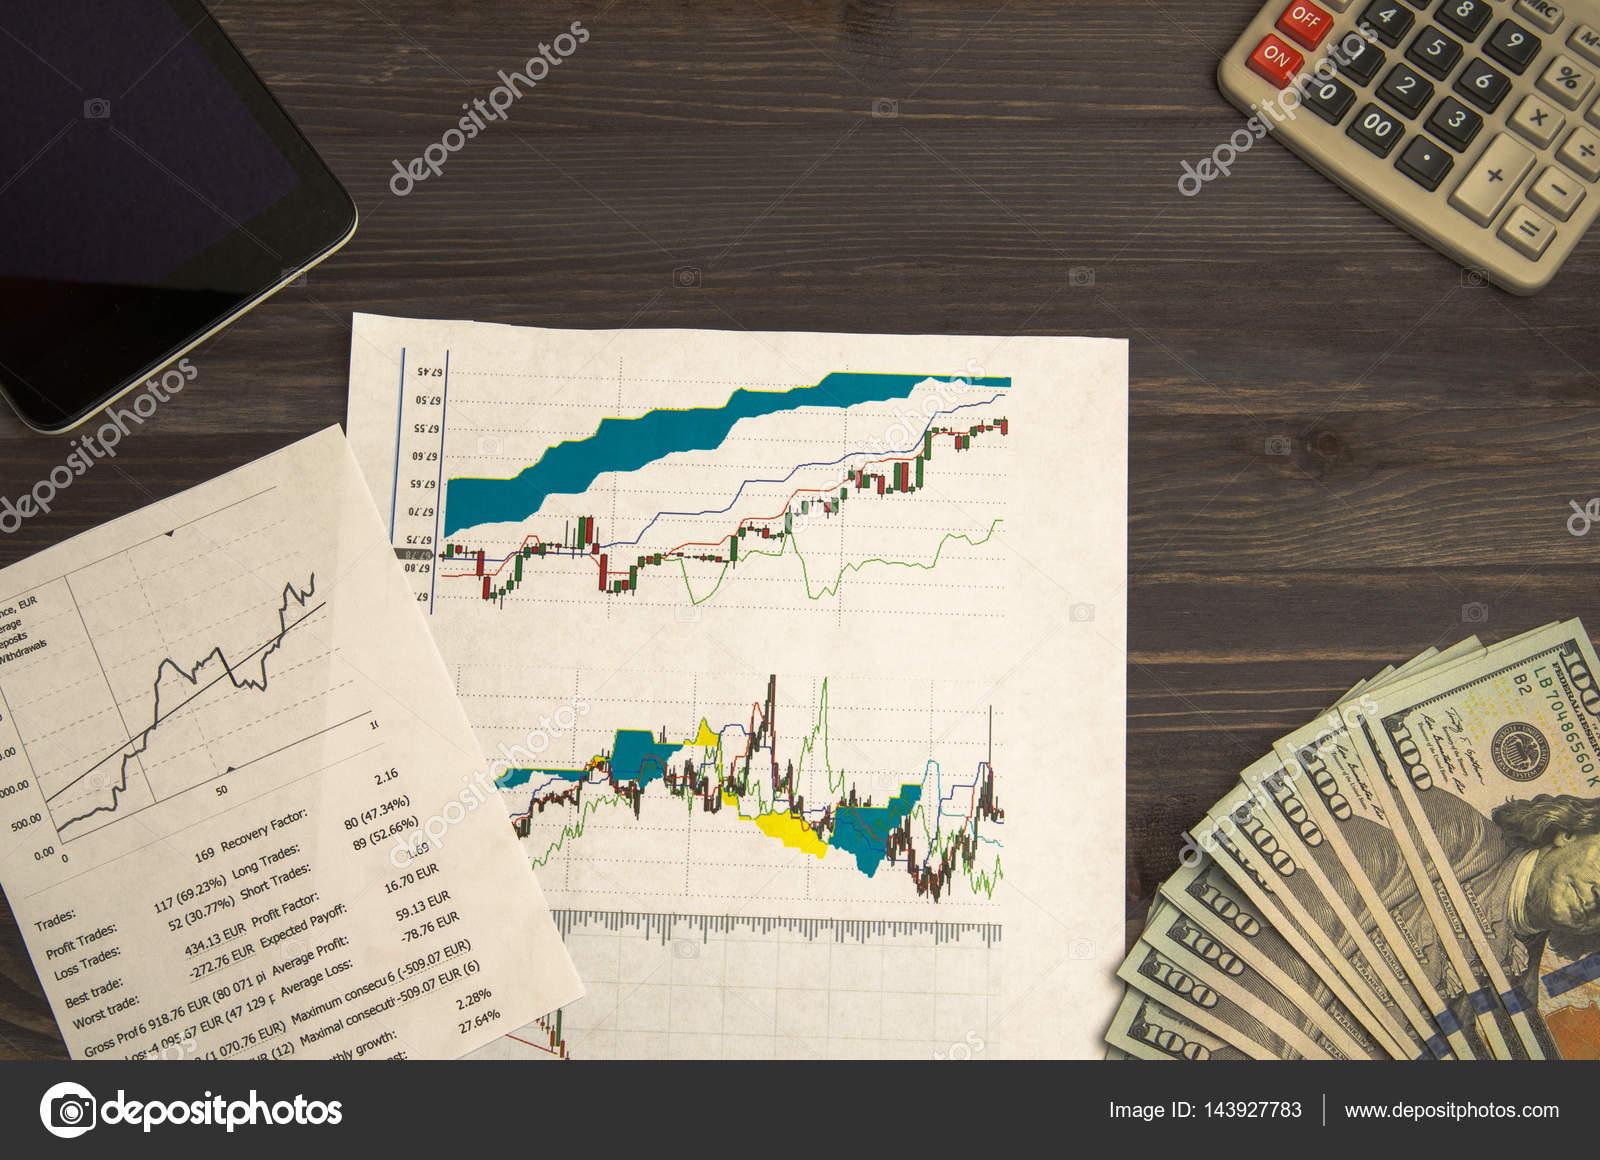 Как получить доход от торговли на бирже внутридневная торговля на бирже